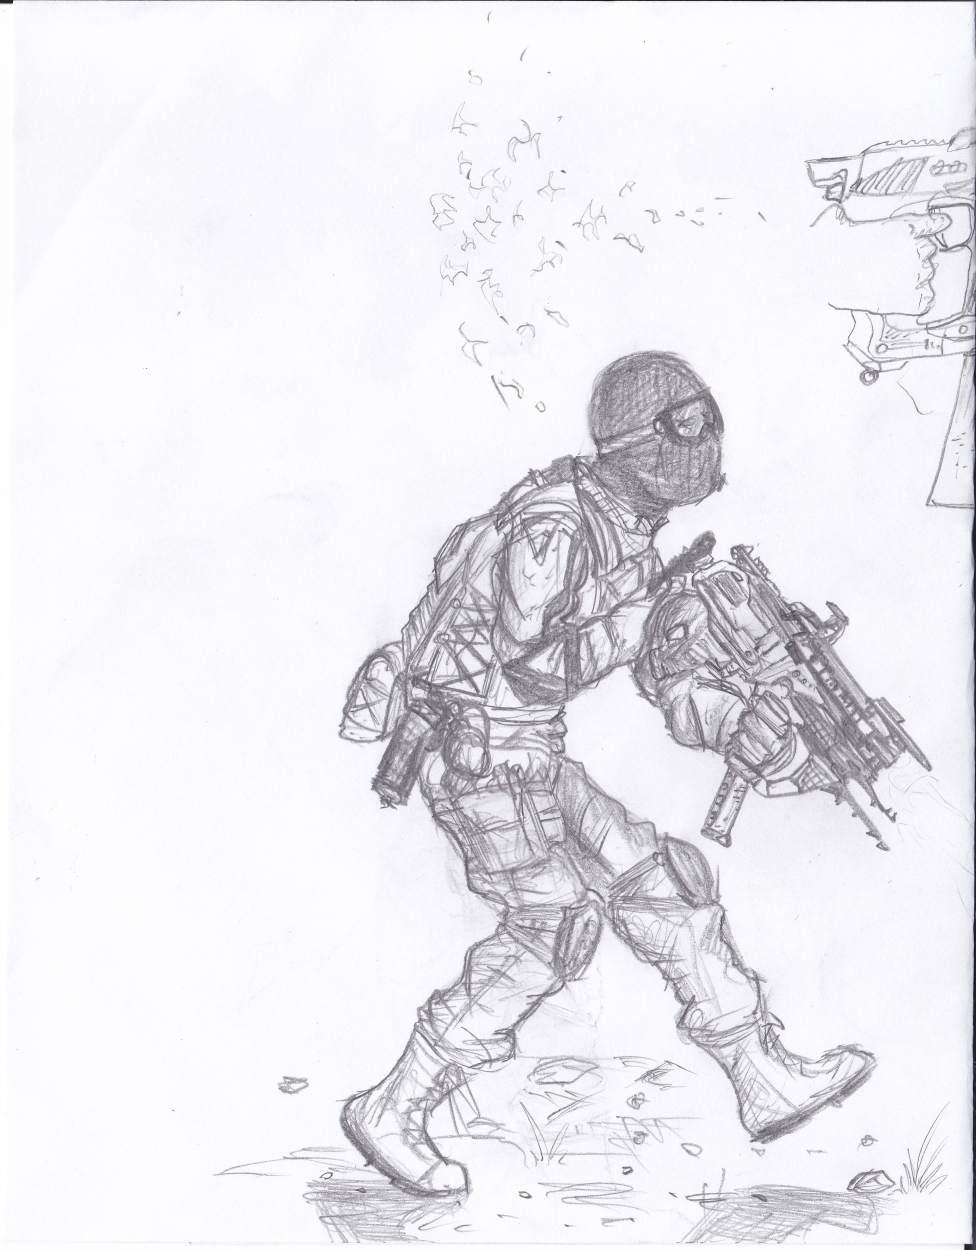 Intruder - soldier concept